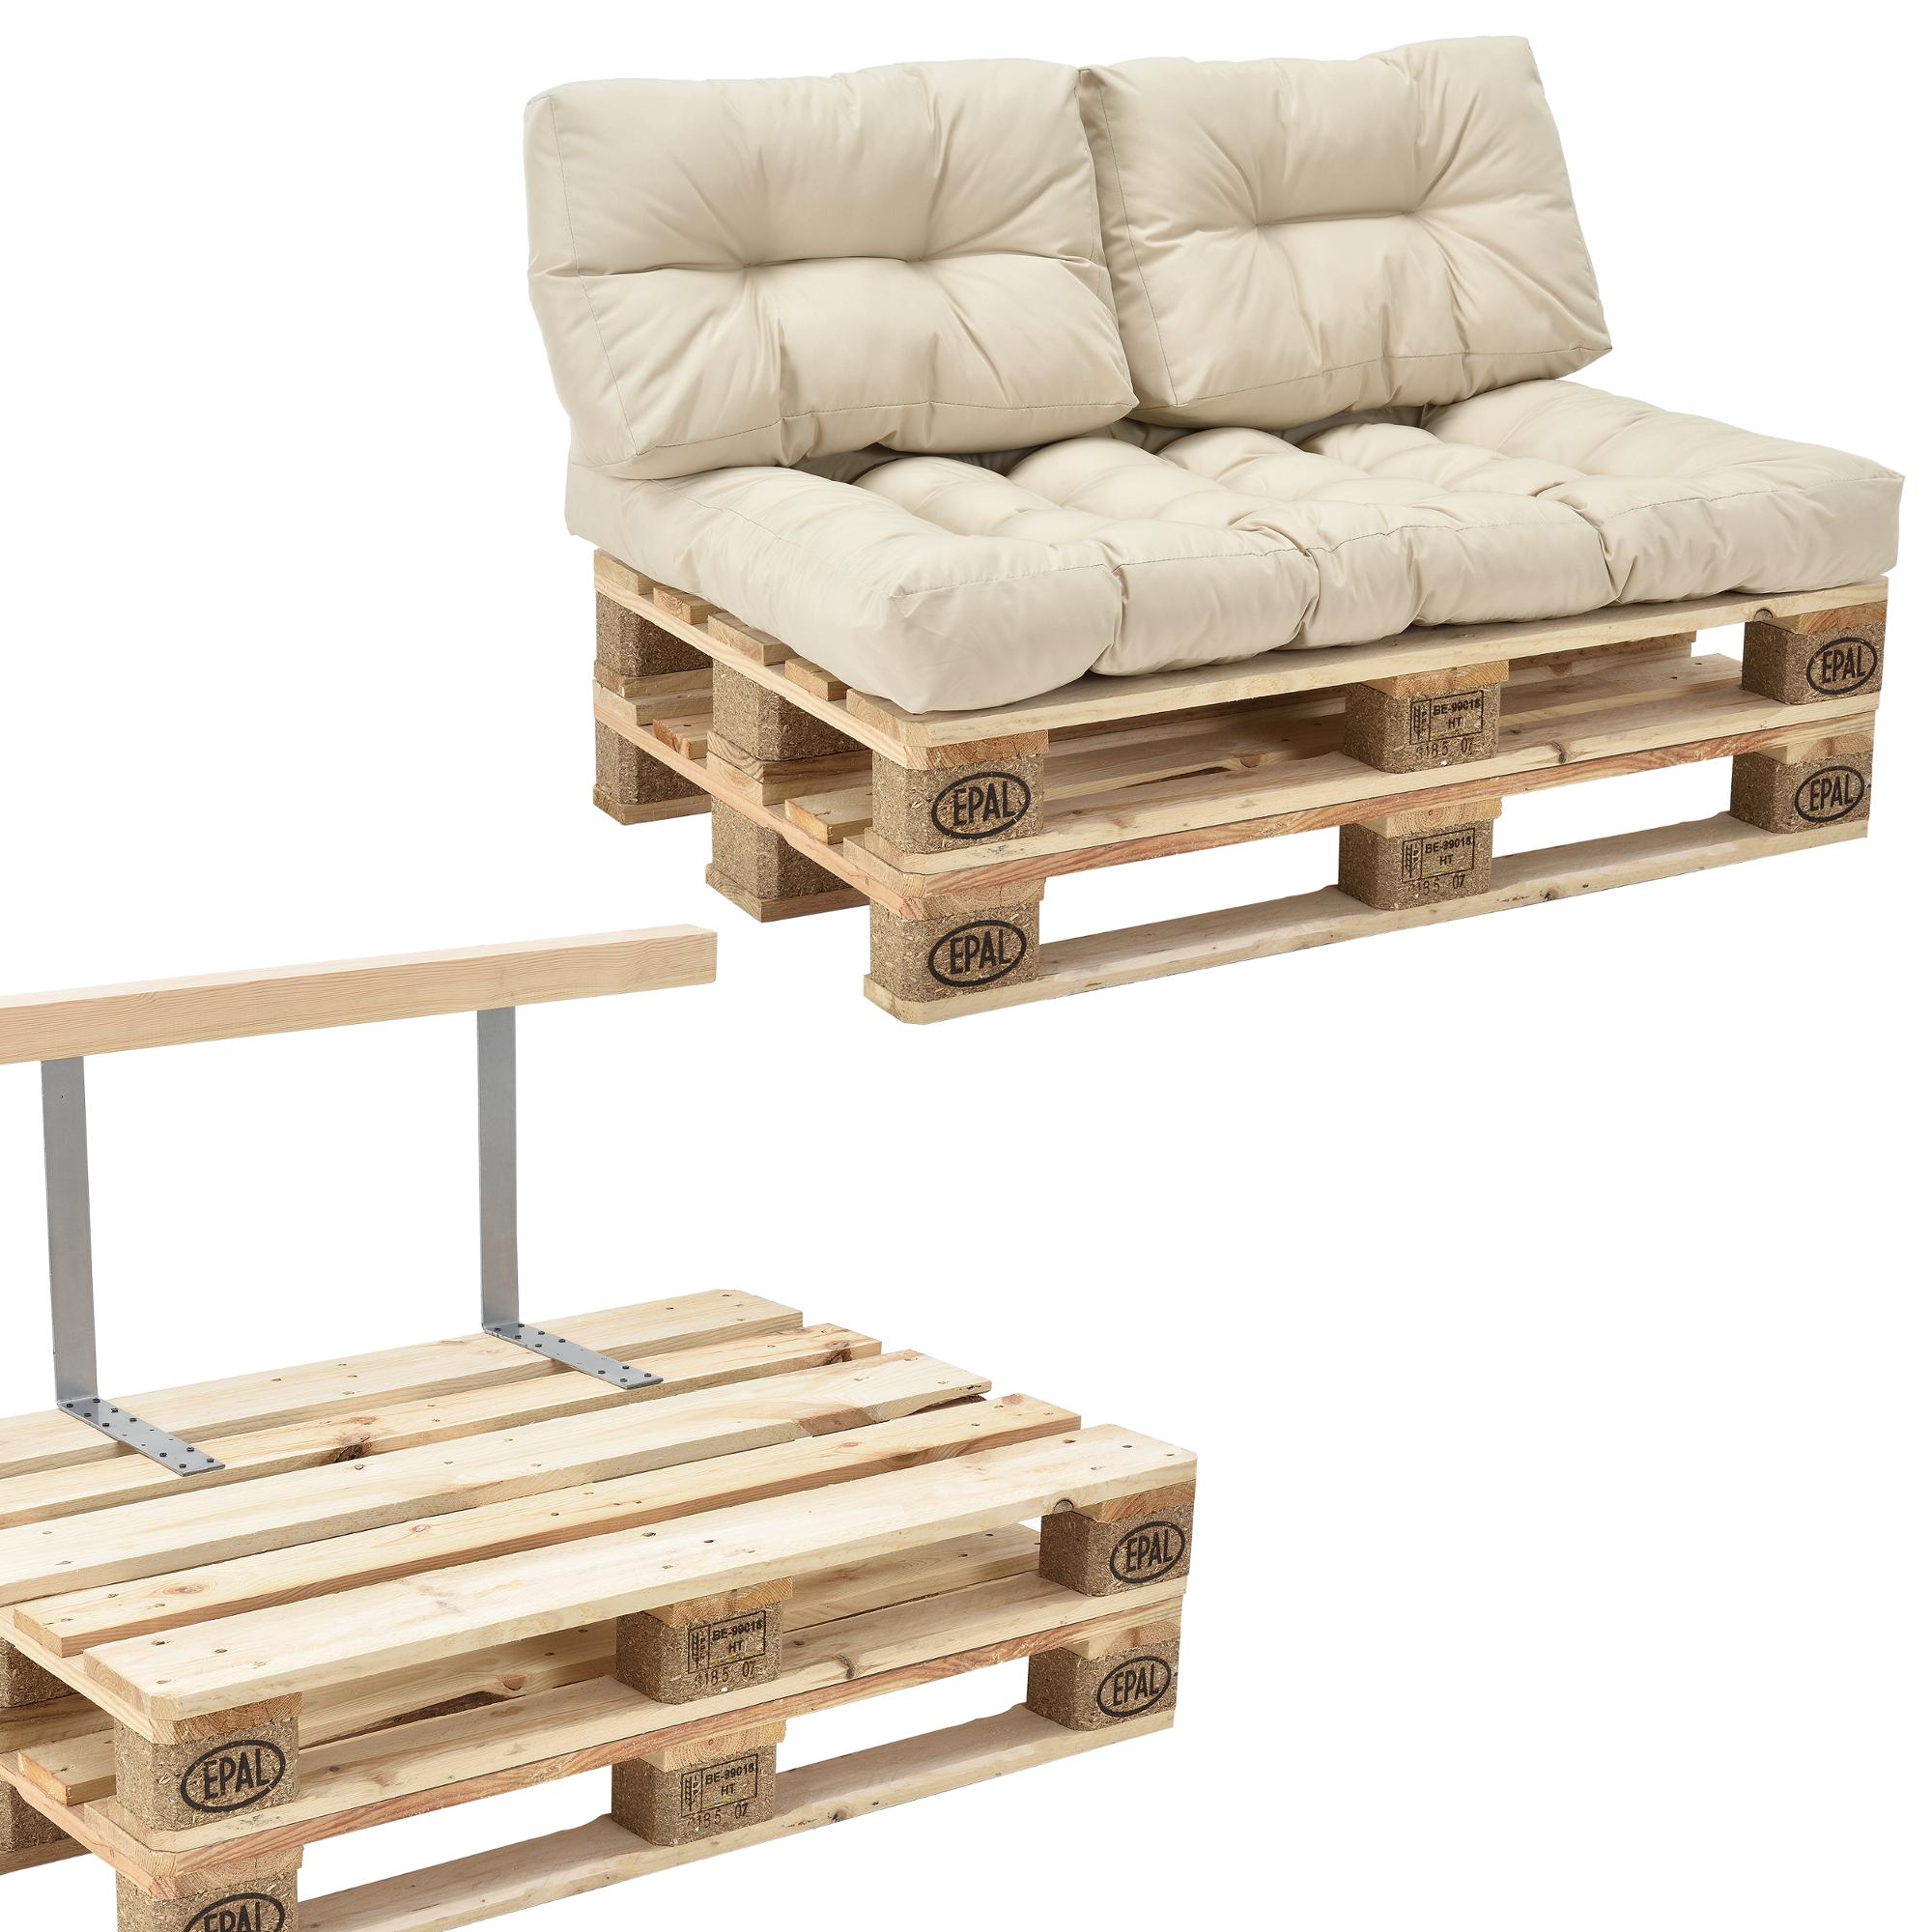 euro sofa mondo cheap sectional sofas portland en casa pallet divano cuscino beige 2 posti